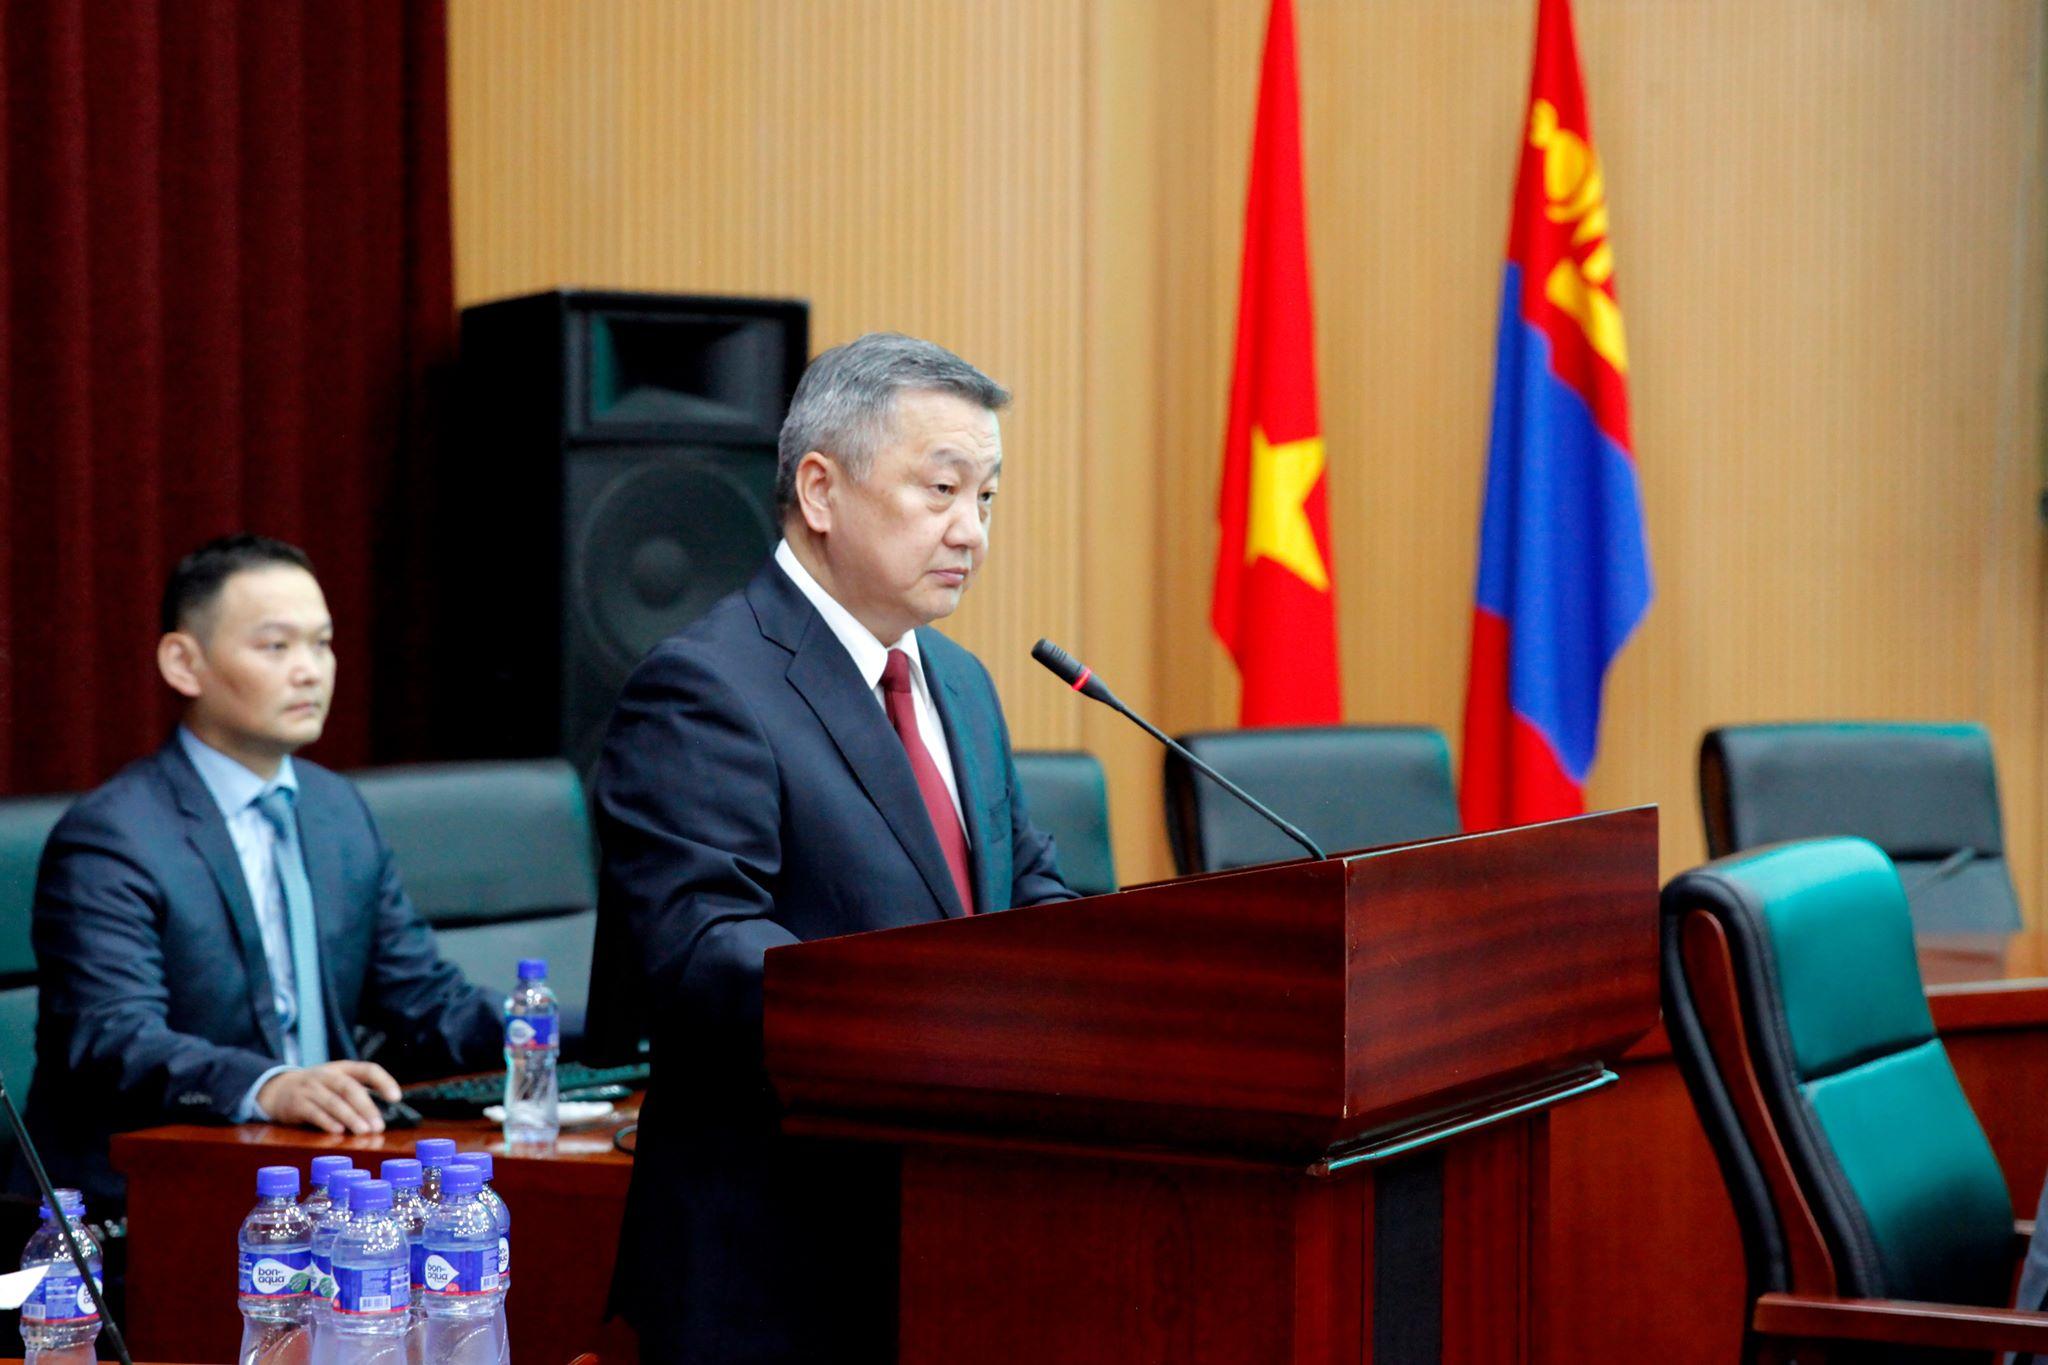 Монгол Улс-Вьетнам улсын хооронд дипломат харилцаа тогтоосны 65 жилийн ойд зориулсан эрдэм шинжилгээний хуралд мэндчилгээ дэвшүүлэв